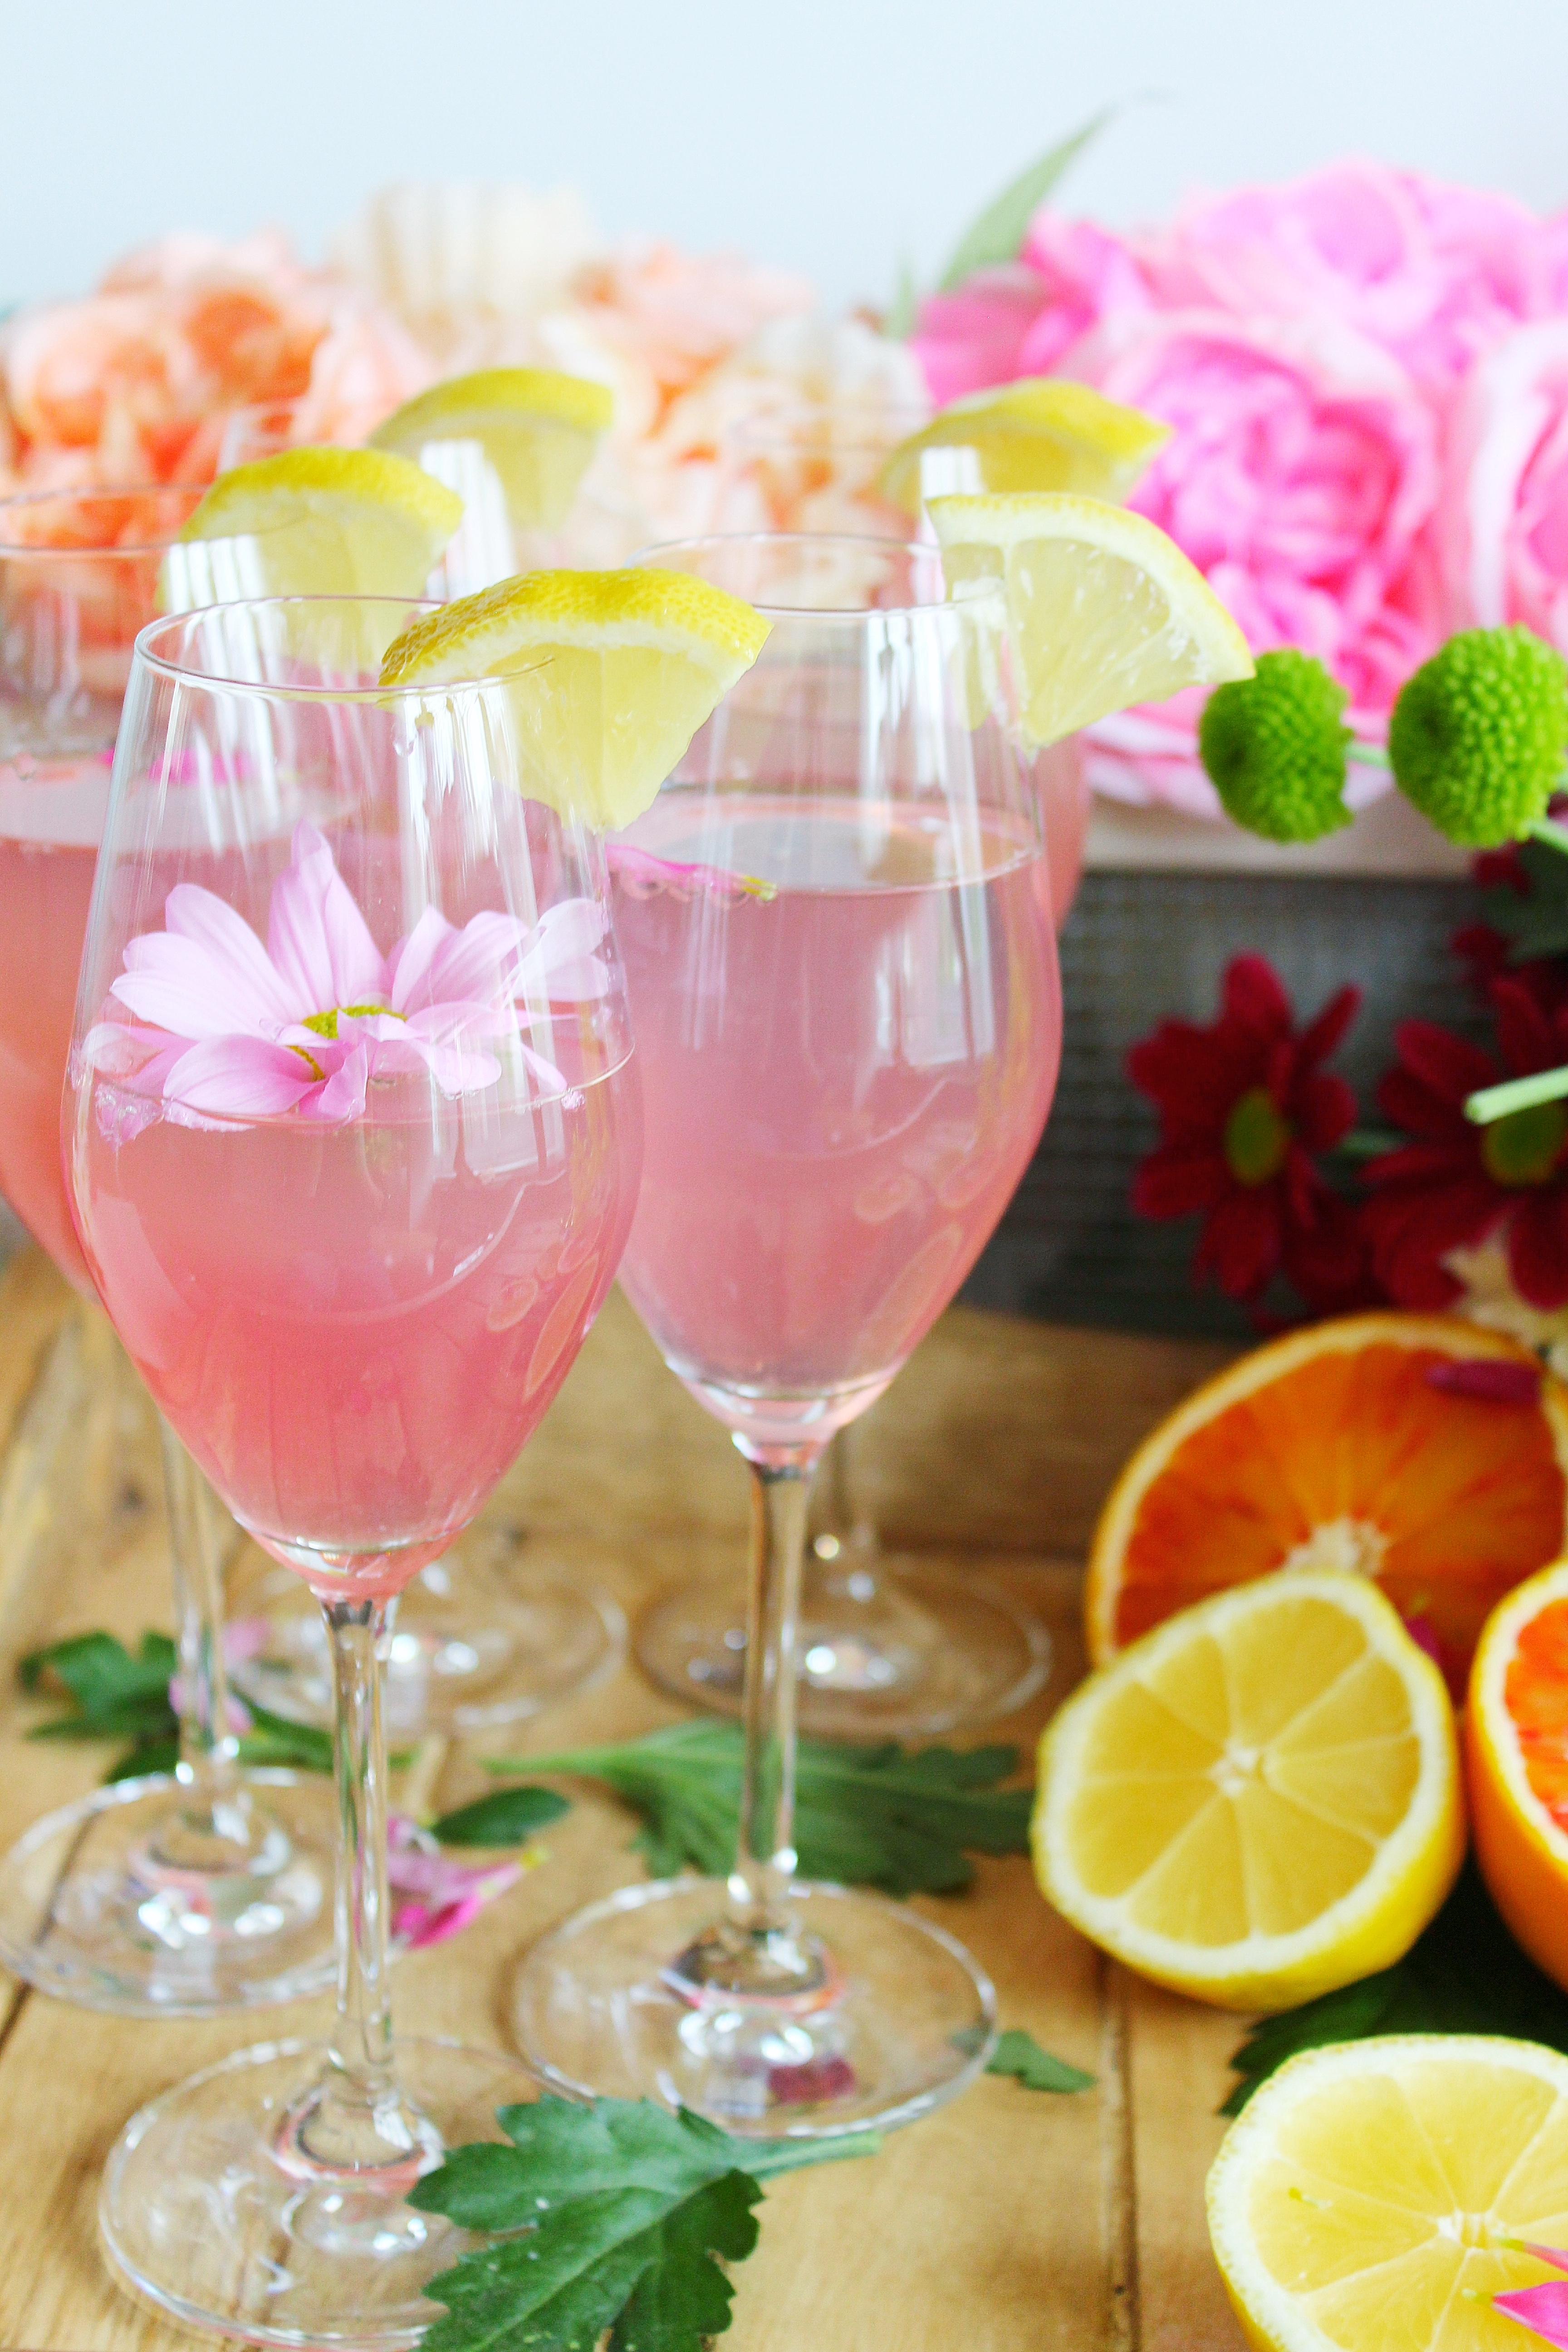 Sour Lemon Pink Mimosa